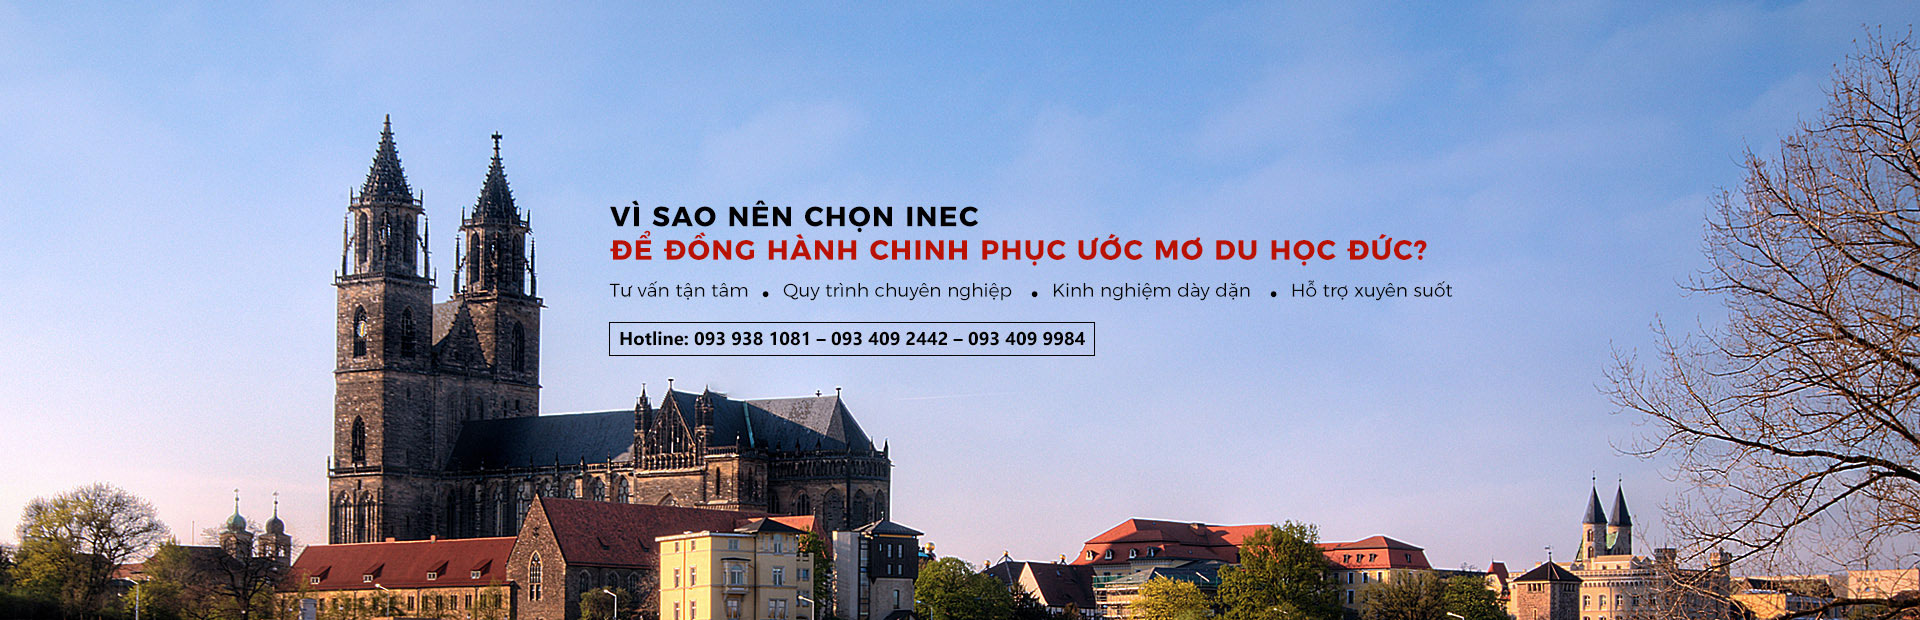 Banner Duc 3